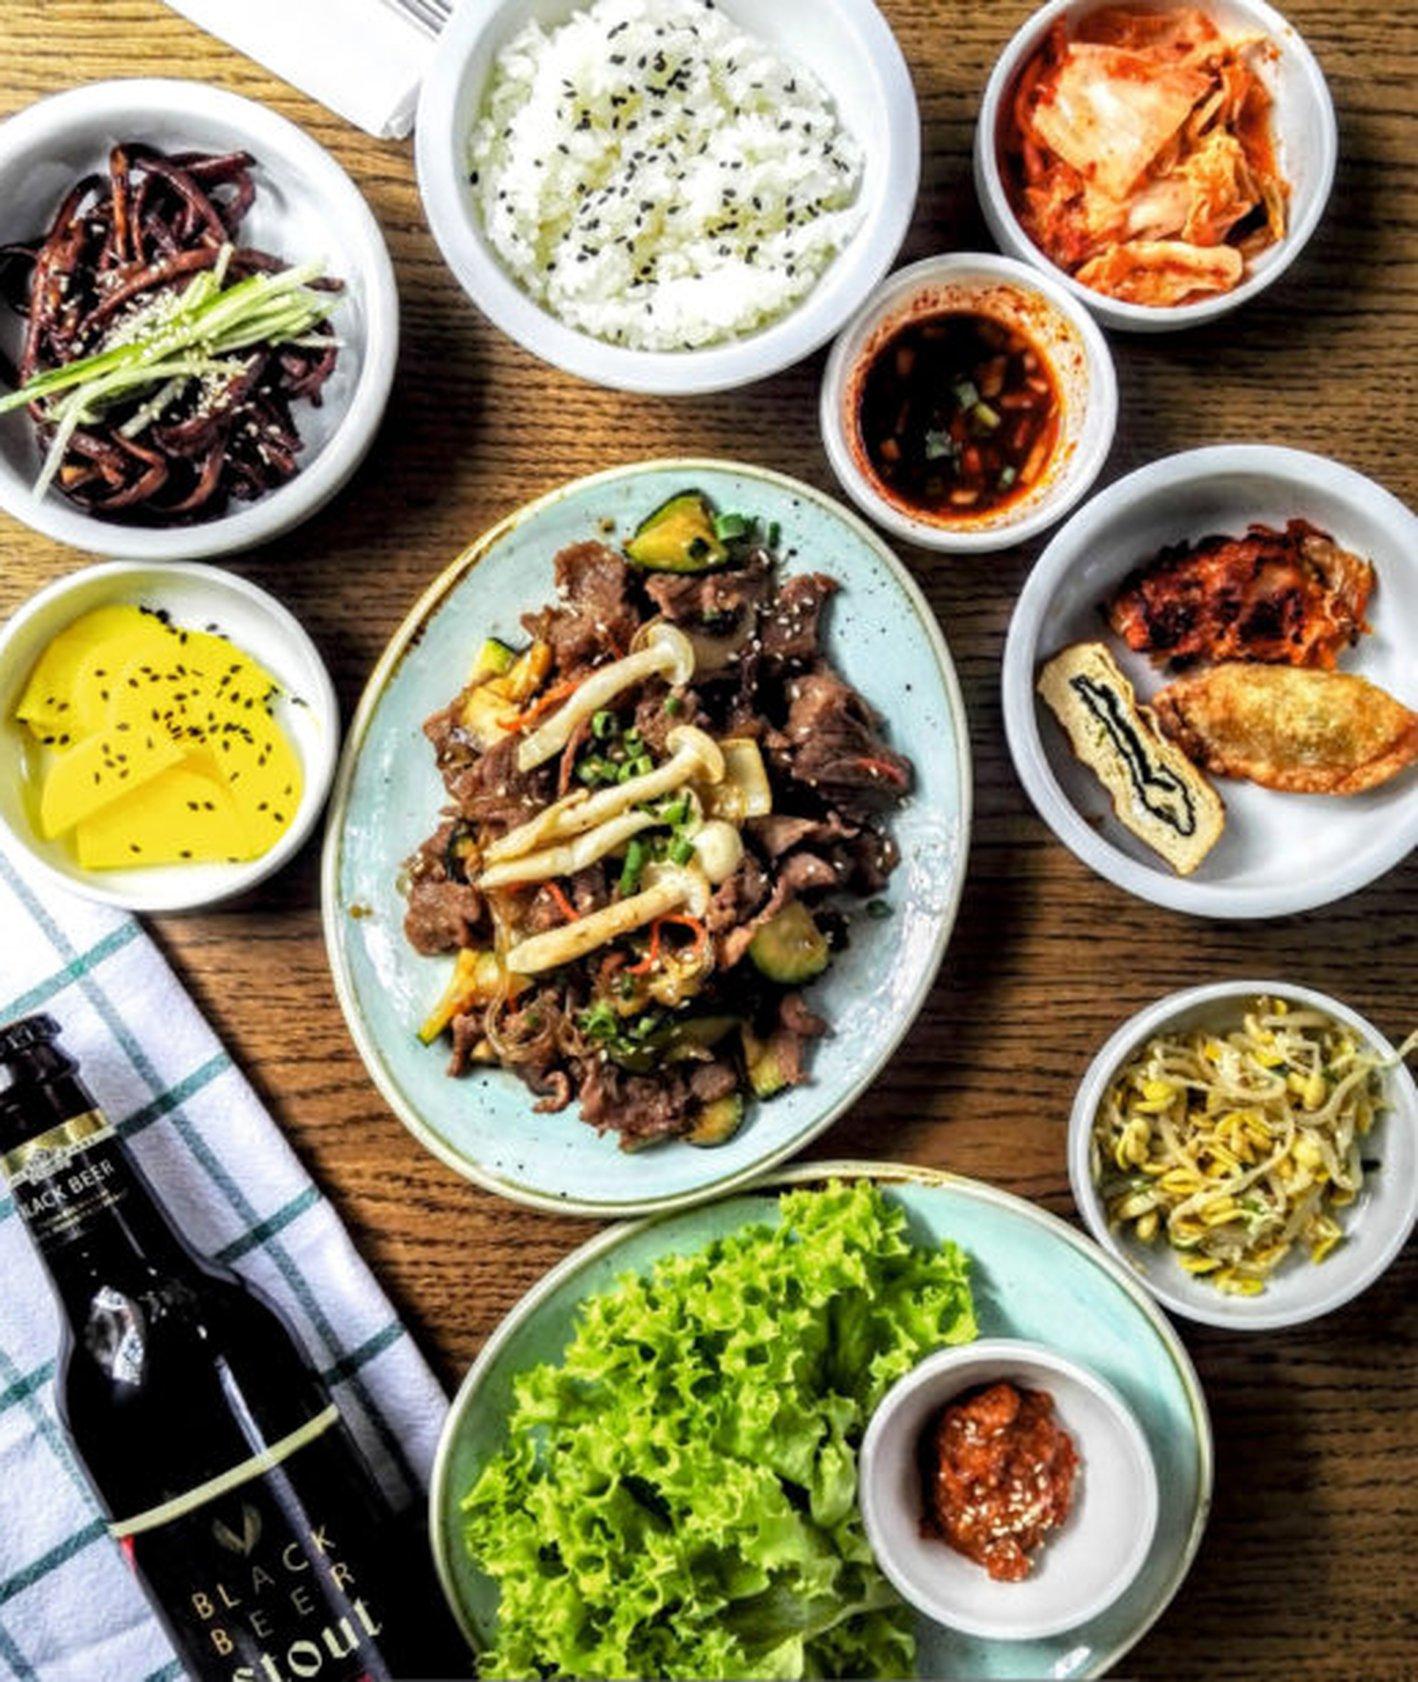 Najlepsze Restauracje Koreańskie W Warszawie